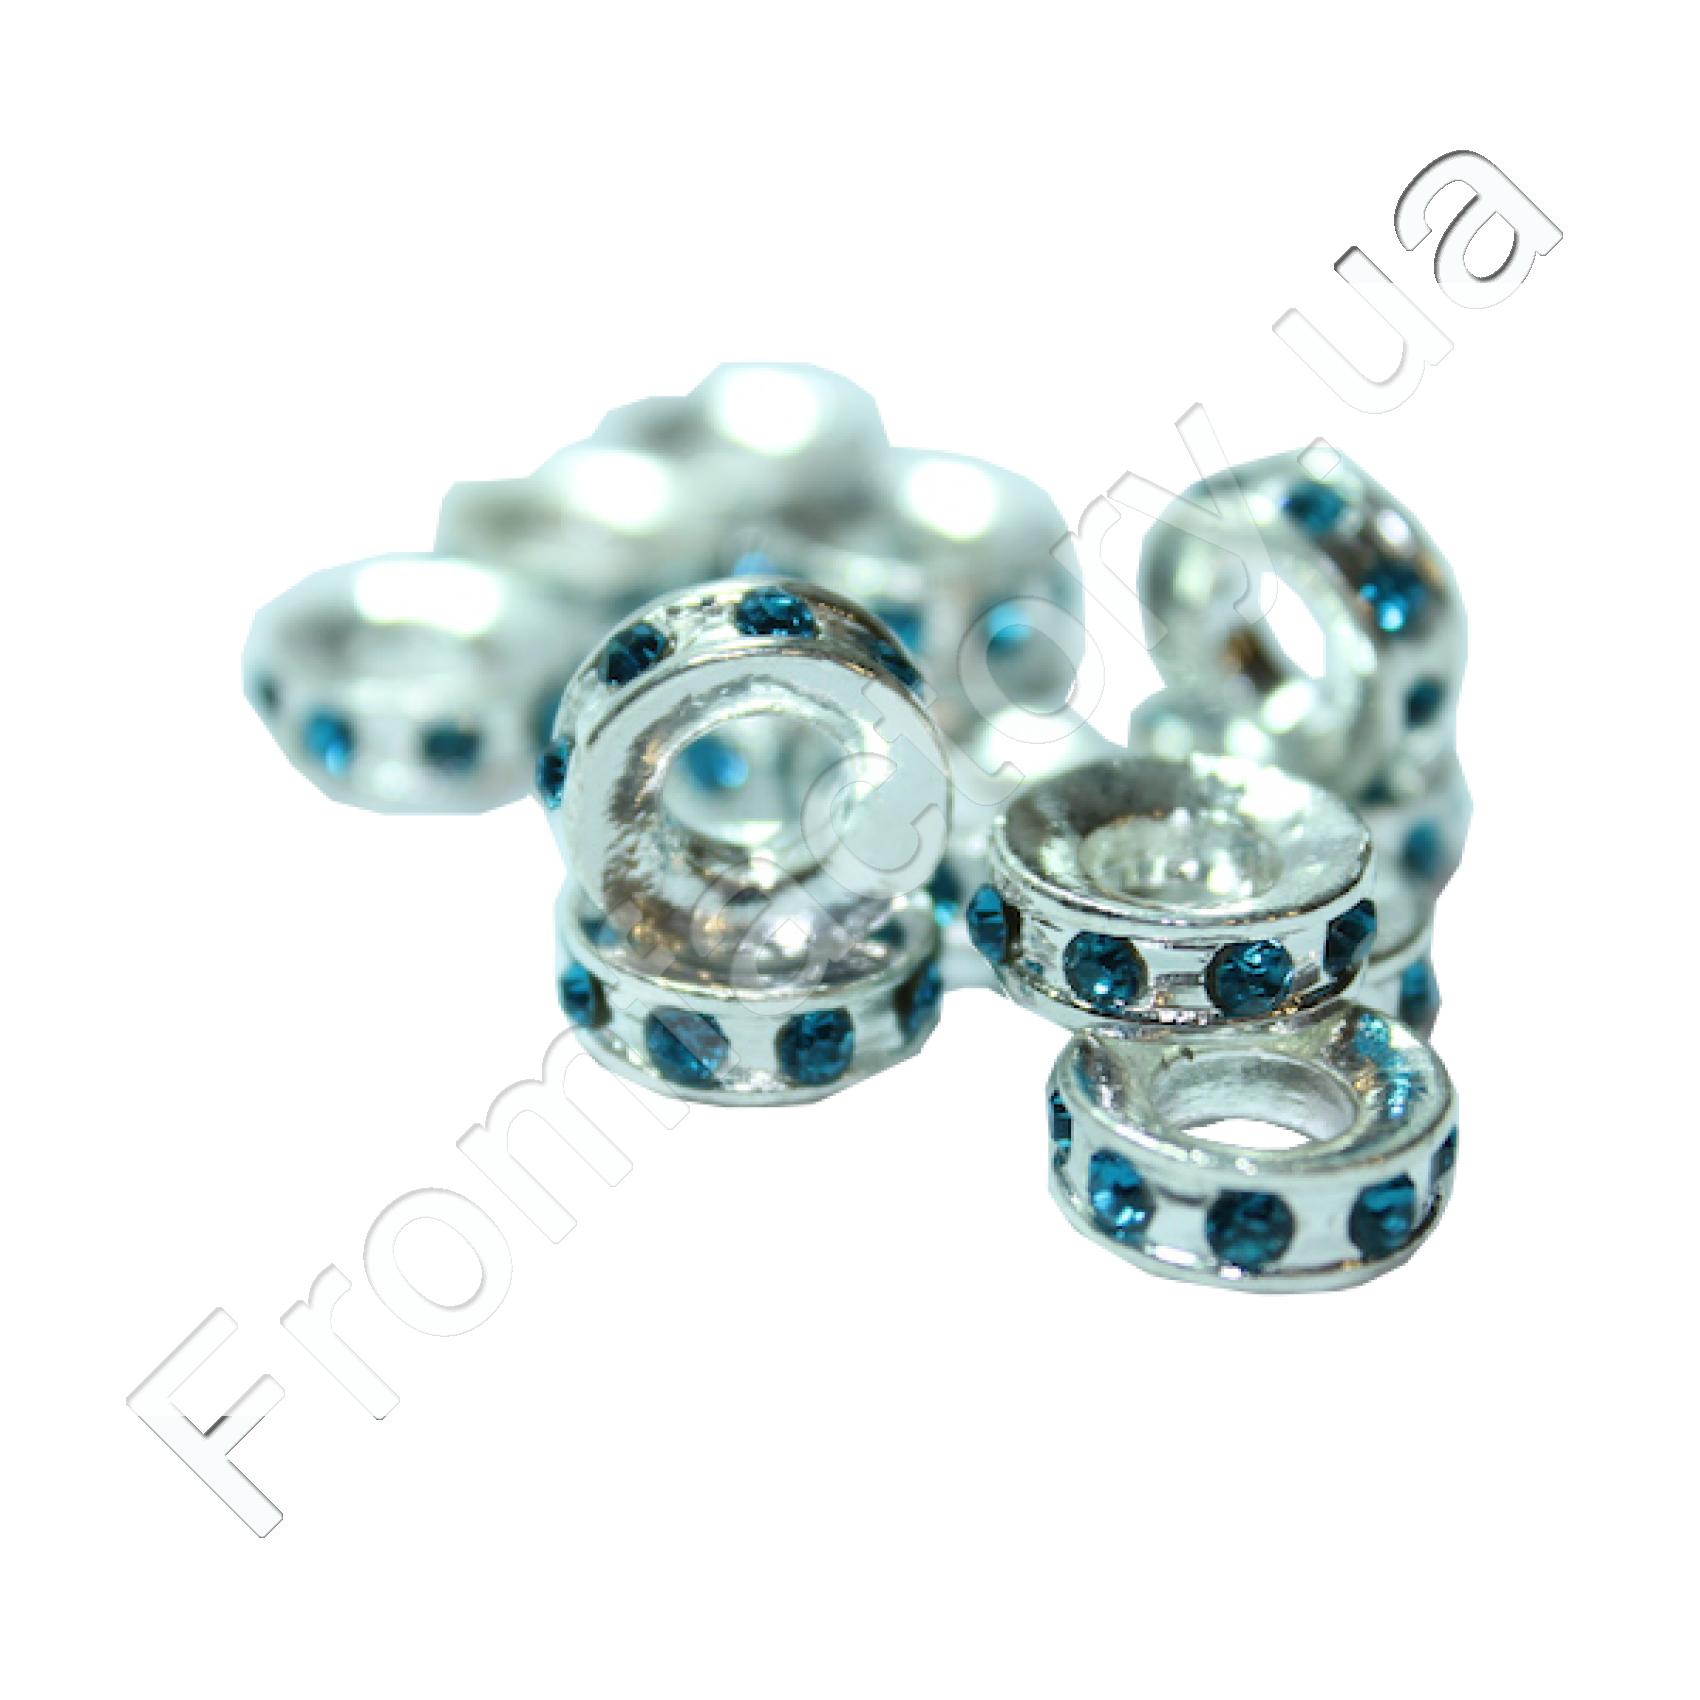 Колечки металлические со стразами (разные цвета) Ø12мм